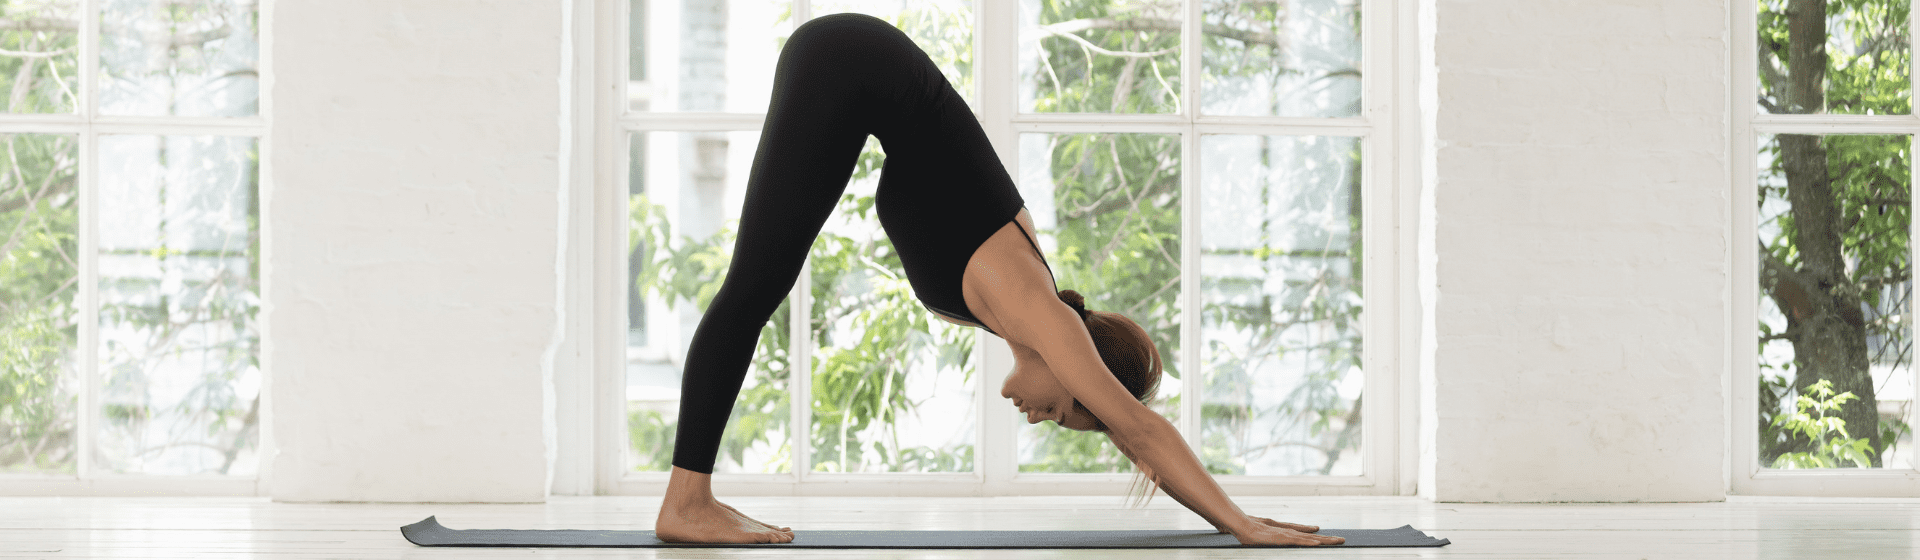 Yoga emagrece? Entenda se a prática ajuda no emagrecimento